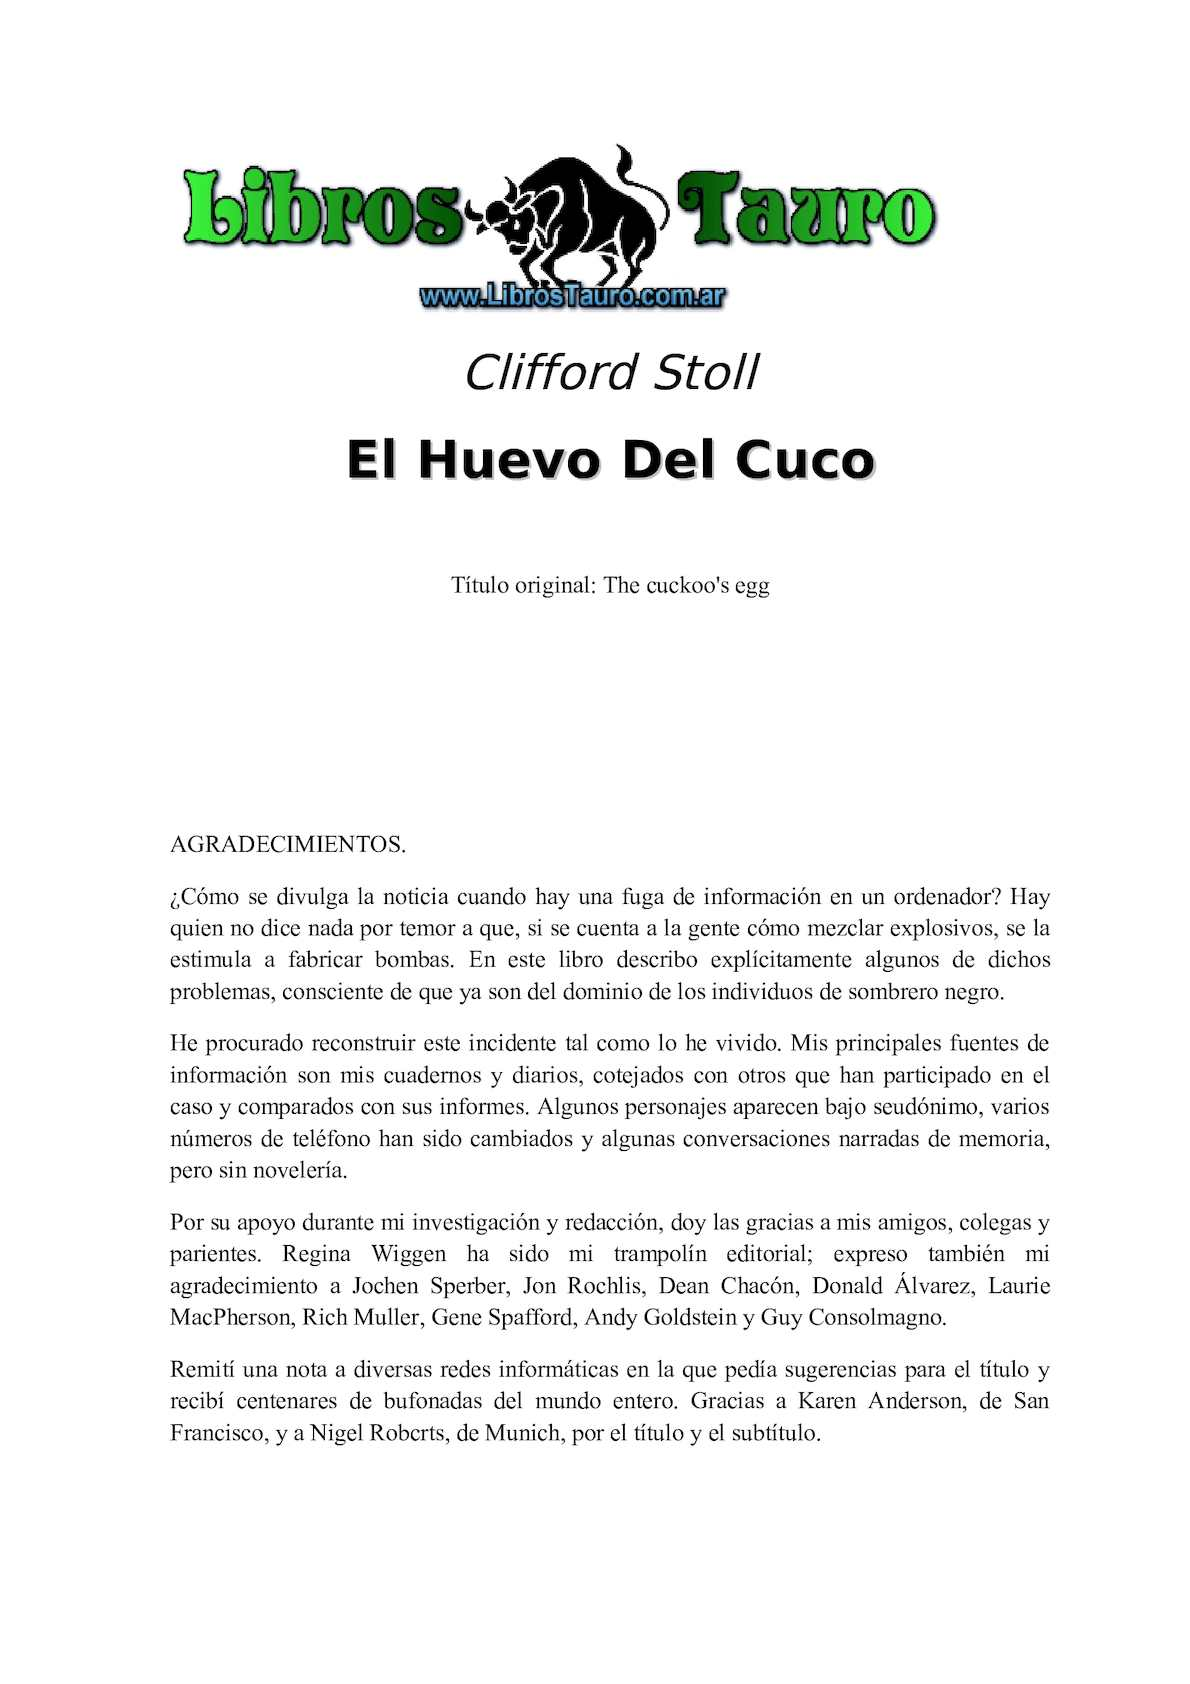 Calaméo - Cuco\'s Egg